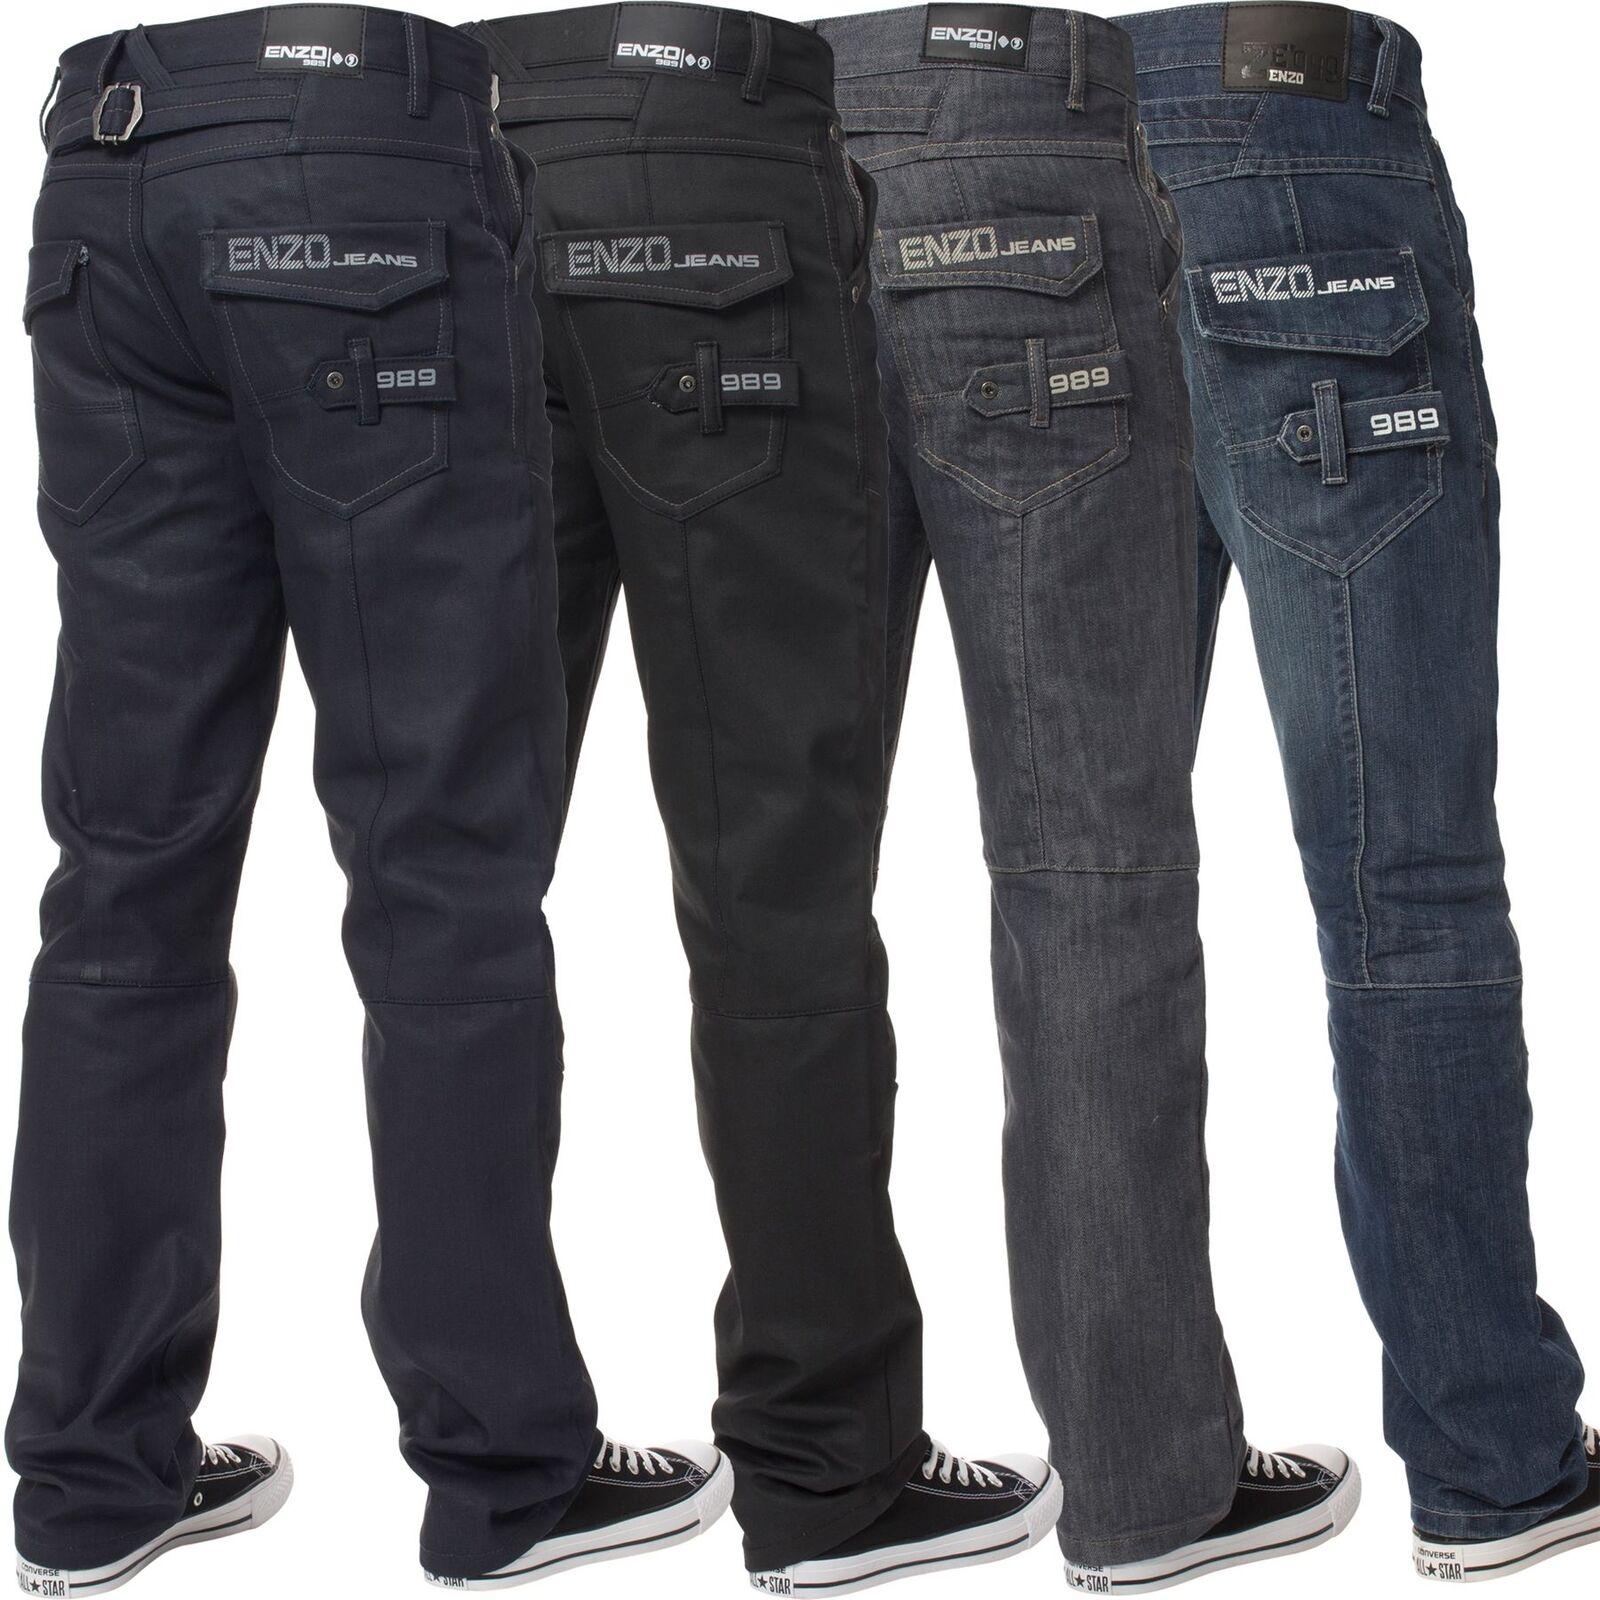 29b74b7b1230 Enzo Boys DESIGNER Jeans Straight Leg Fit Kids Denim Pants All Waist Sizes  Blue 12 Years Regular for sale online | eBay